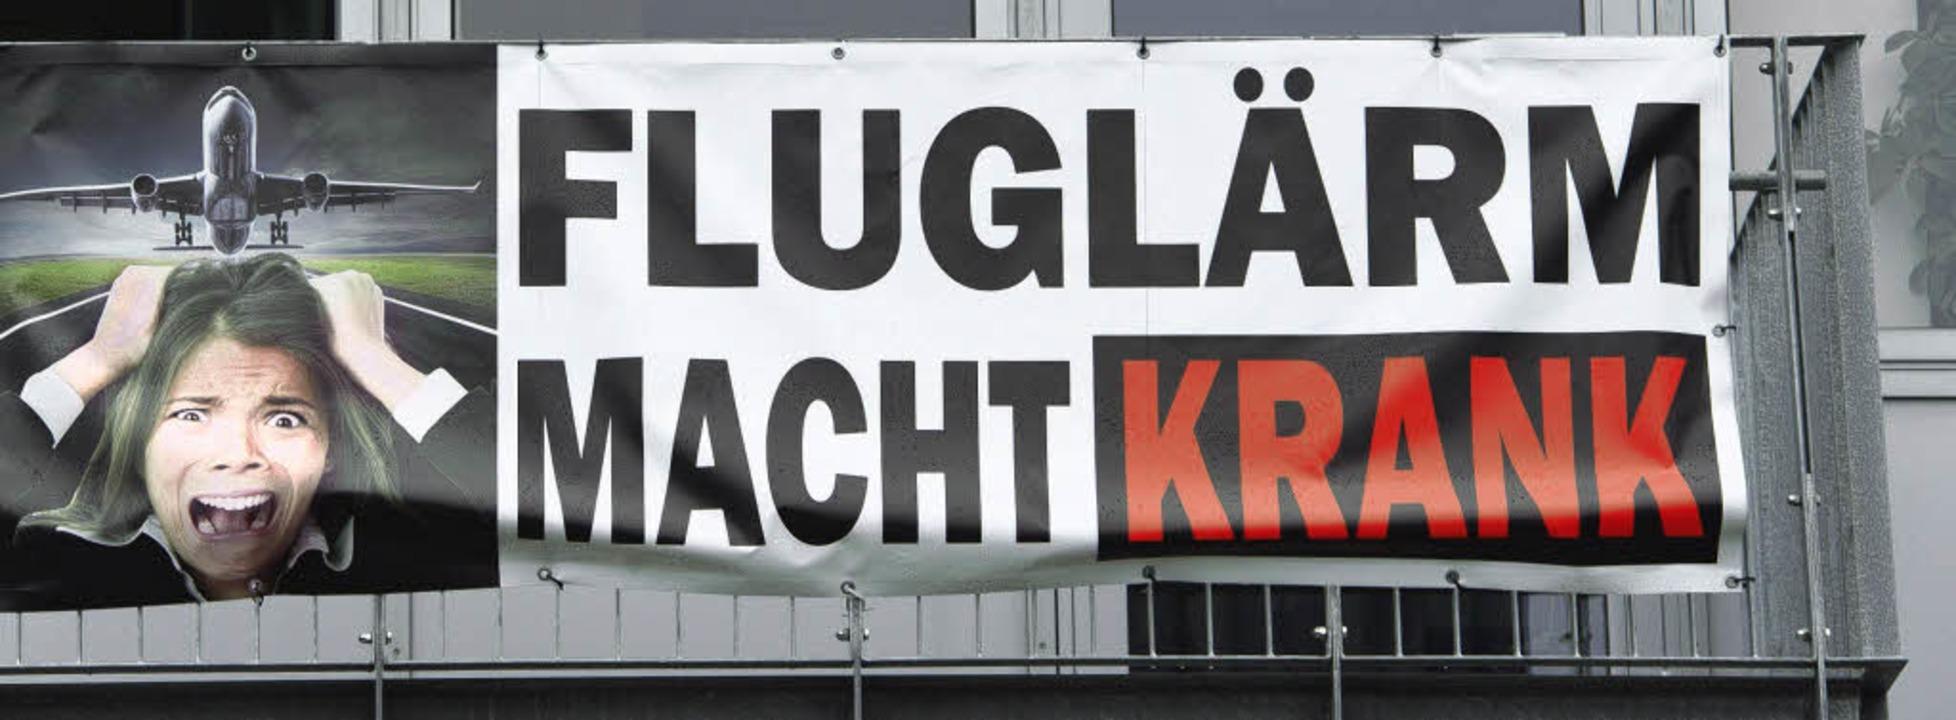 Protest gegen Fluglärm: Dieses Schild ...tzt wird auch am Hochrhein mobilisiert  | Foto: DPA/SIEBOLD/Model